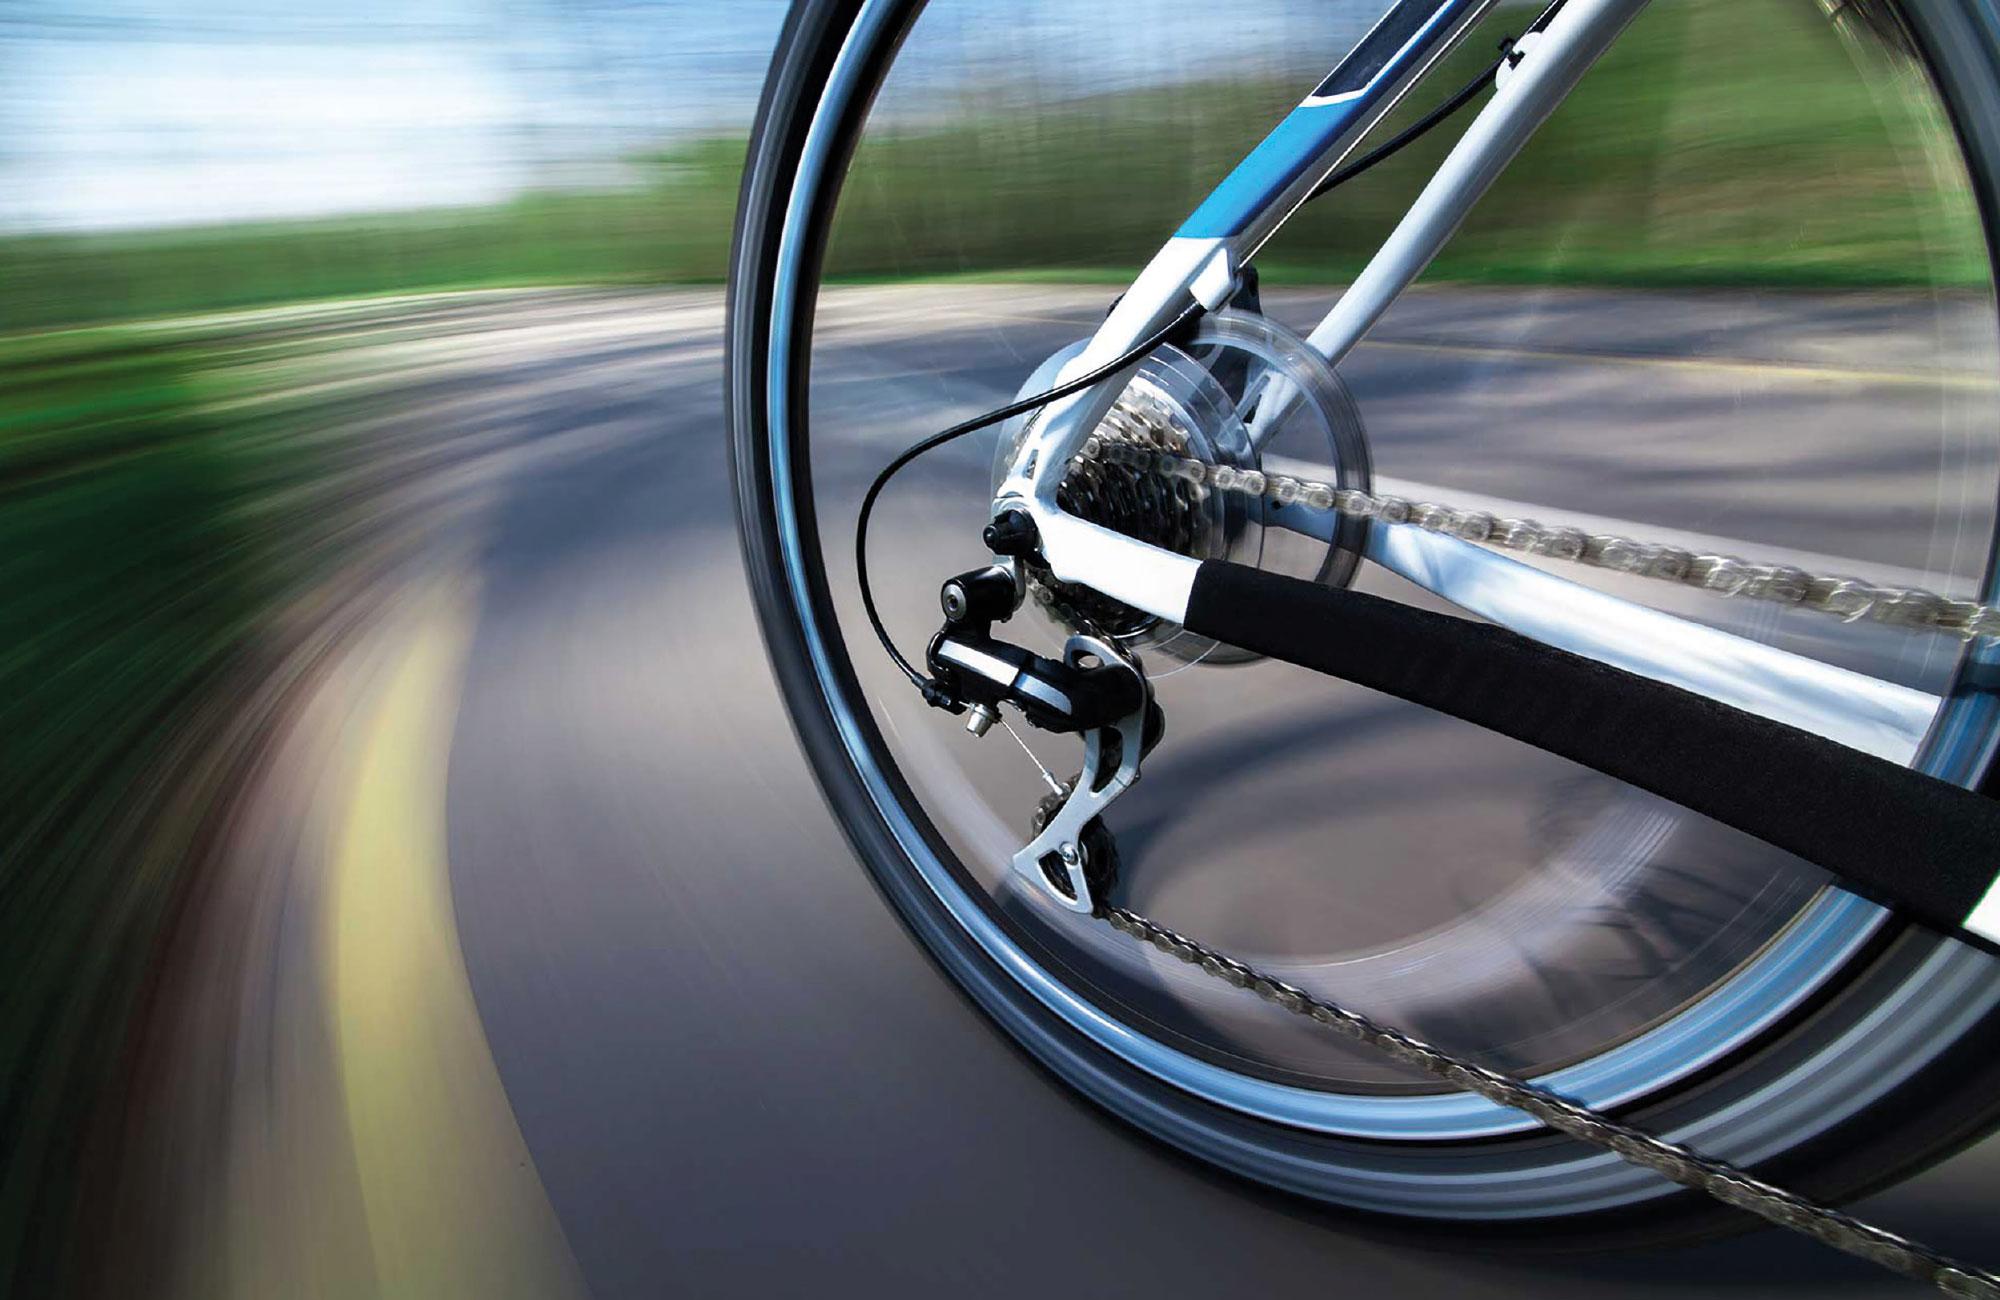 Какую максимальную скорость может развить велосипедист? (25 декабря 2008) | afportal.ru